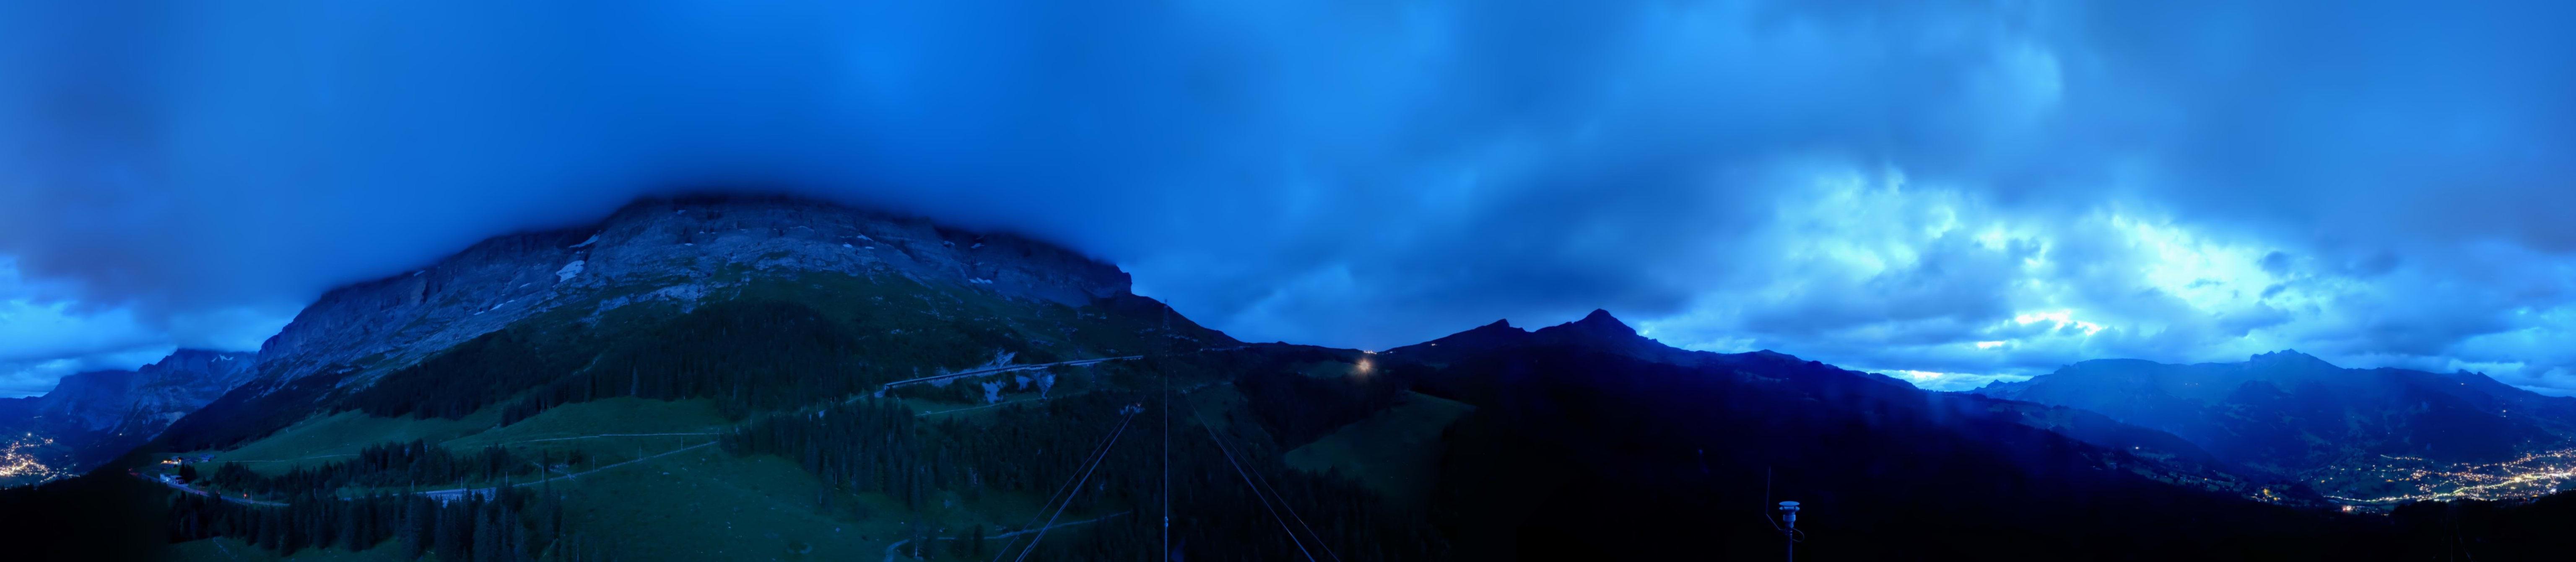 Eiger Express